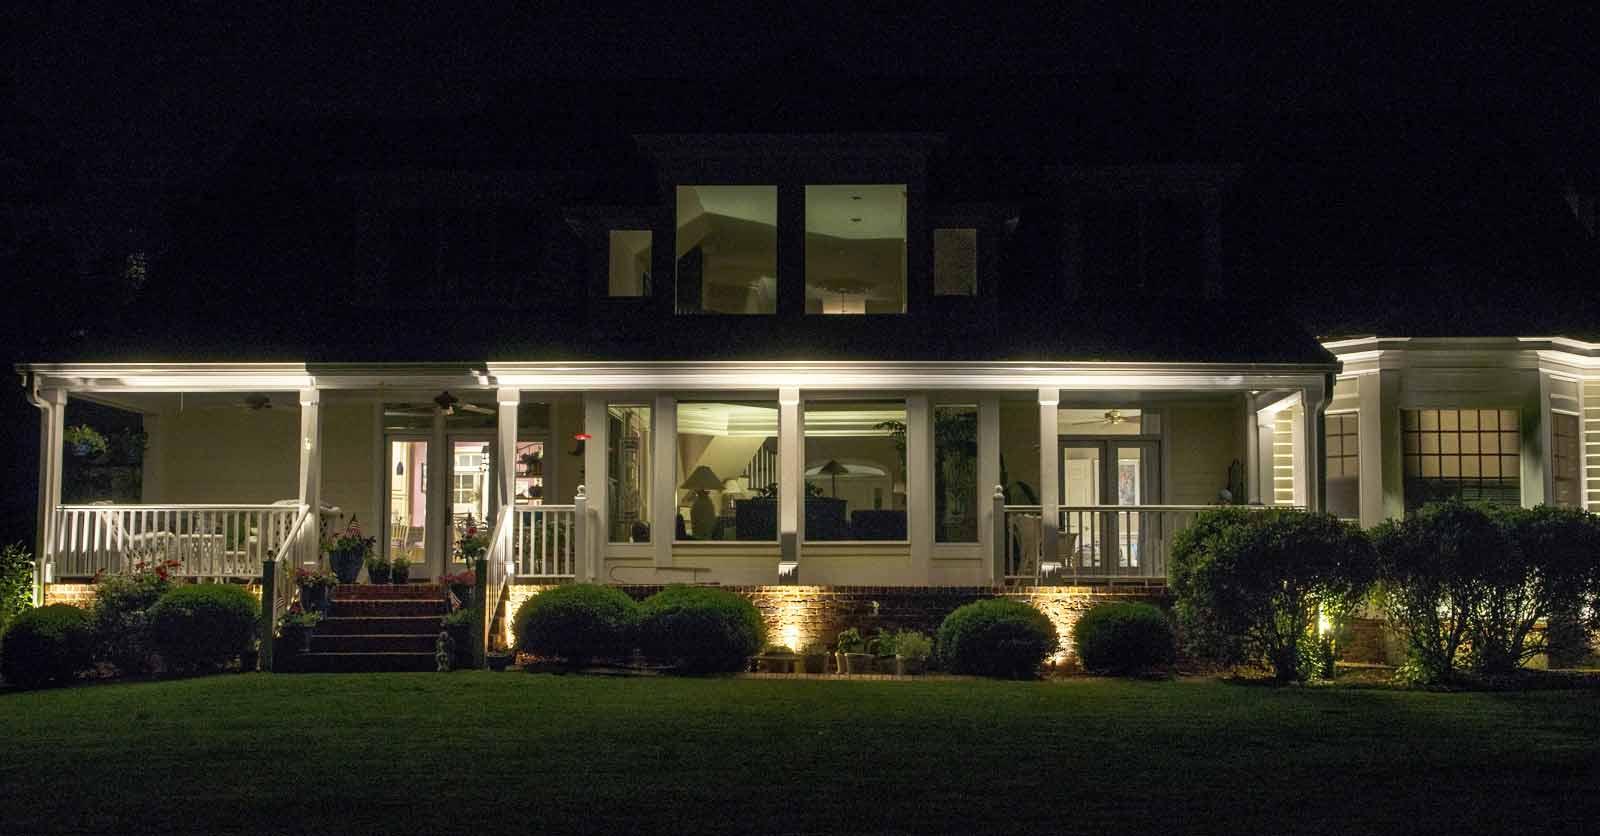 chesapeake outdoor lighting contractor